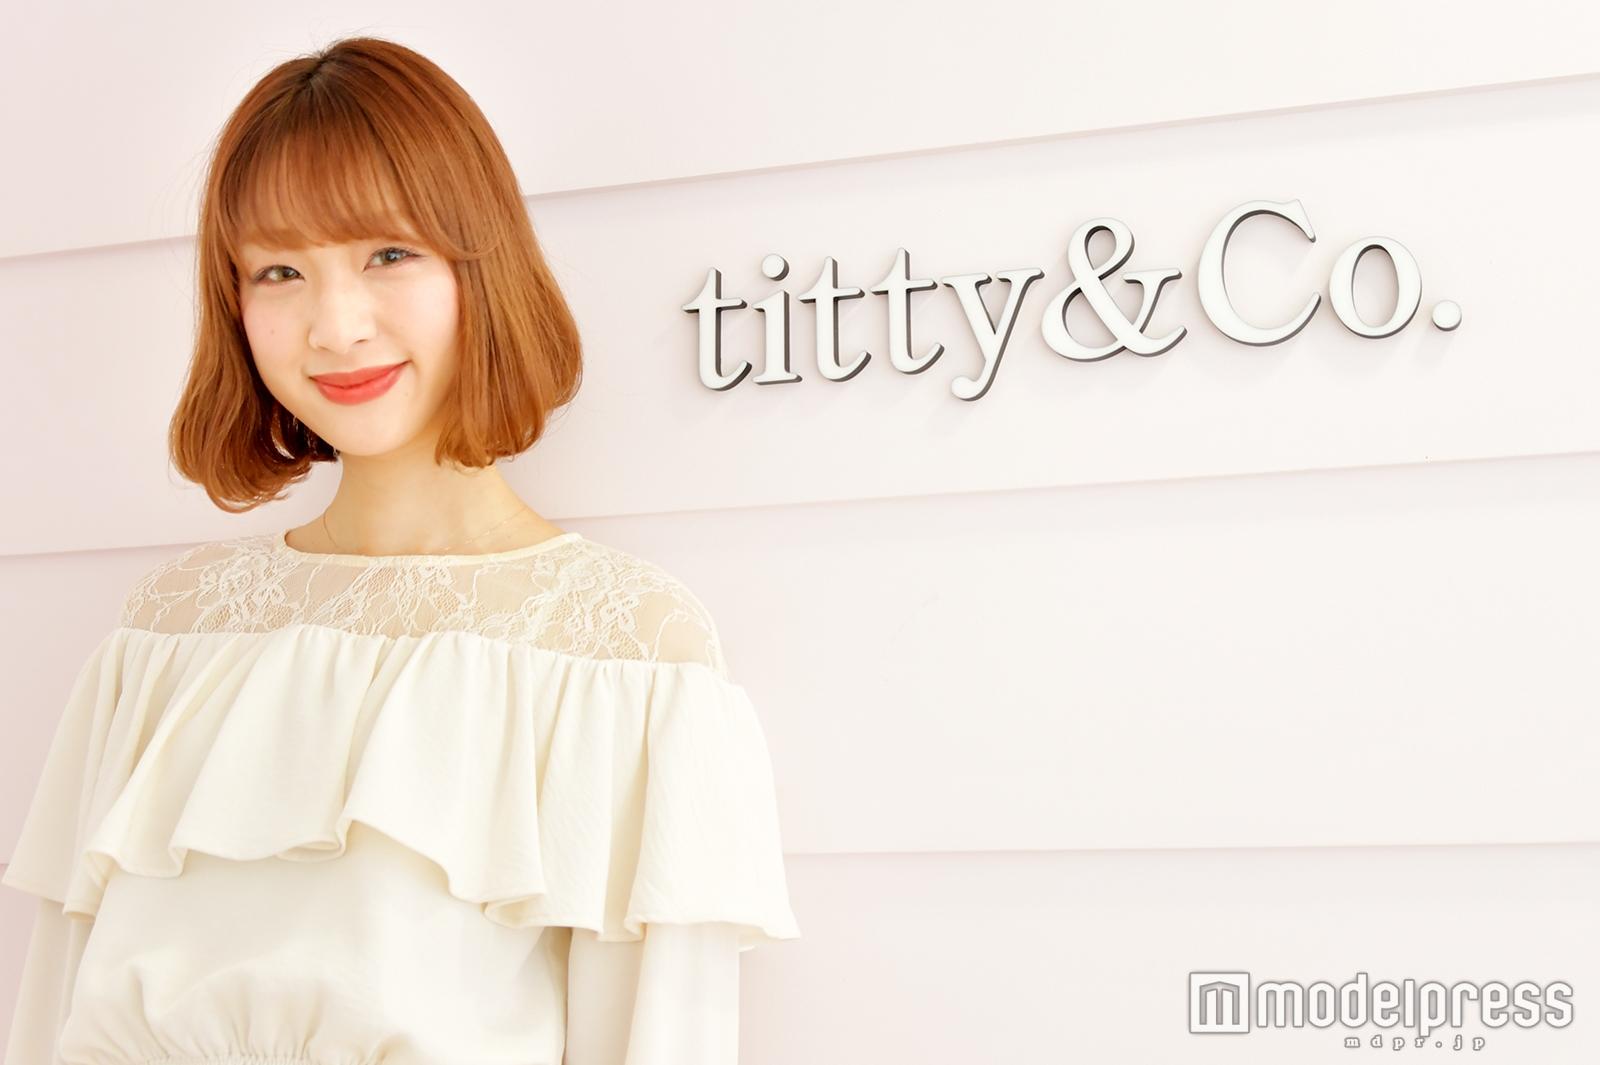 「titty&Co.」店長の岩崎真子さん(C)モデルプレス